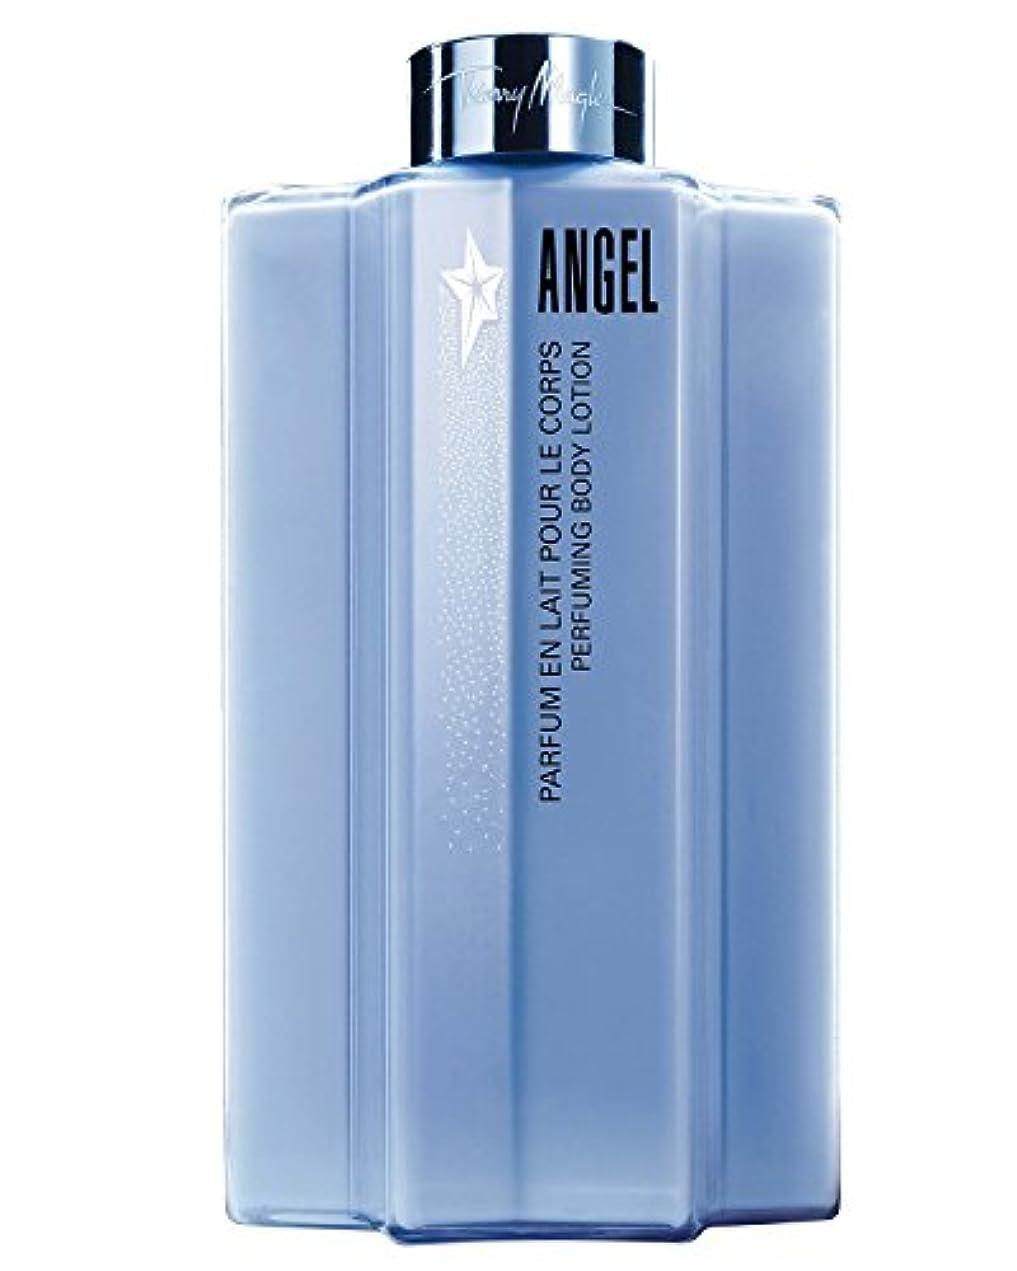 対処するユニークな手荷物テュエリーミュグレー エンジェルボディローション 200ml THIERRY MUGLER ANGEL BODY LOTION [並行輸入品]